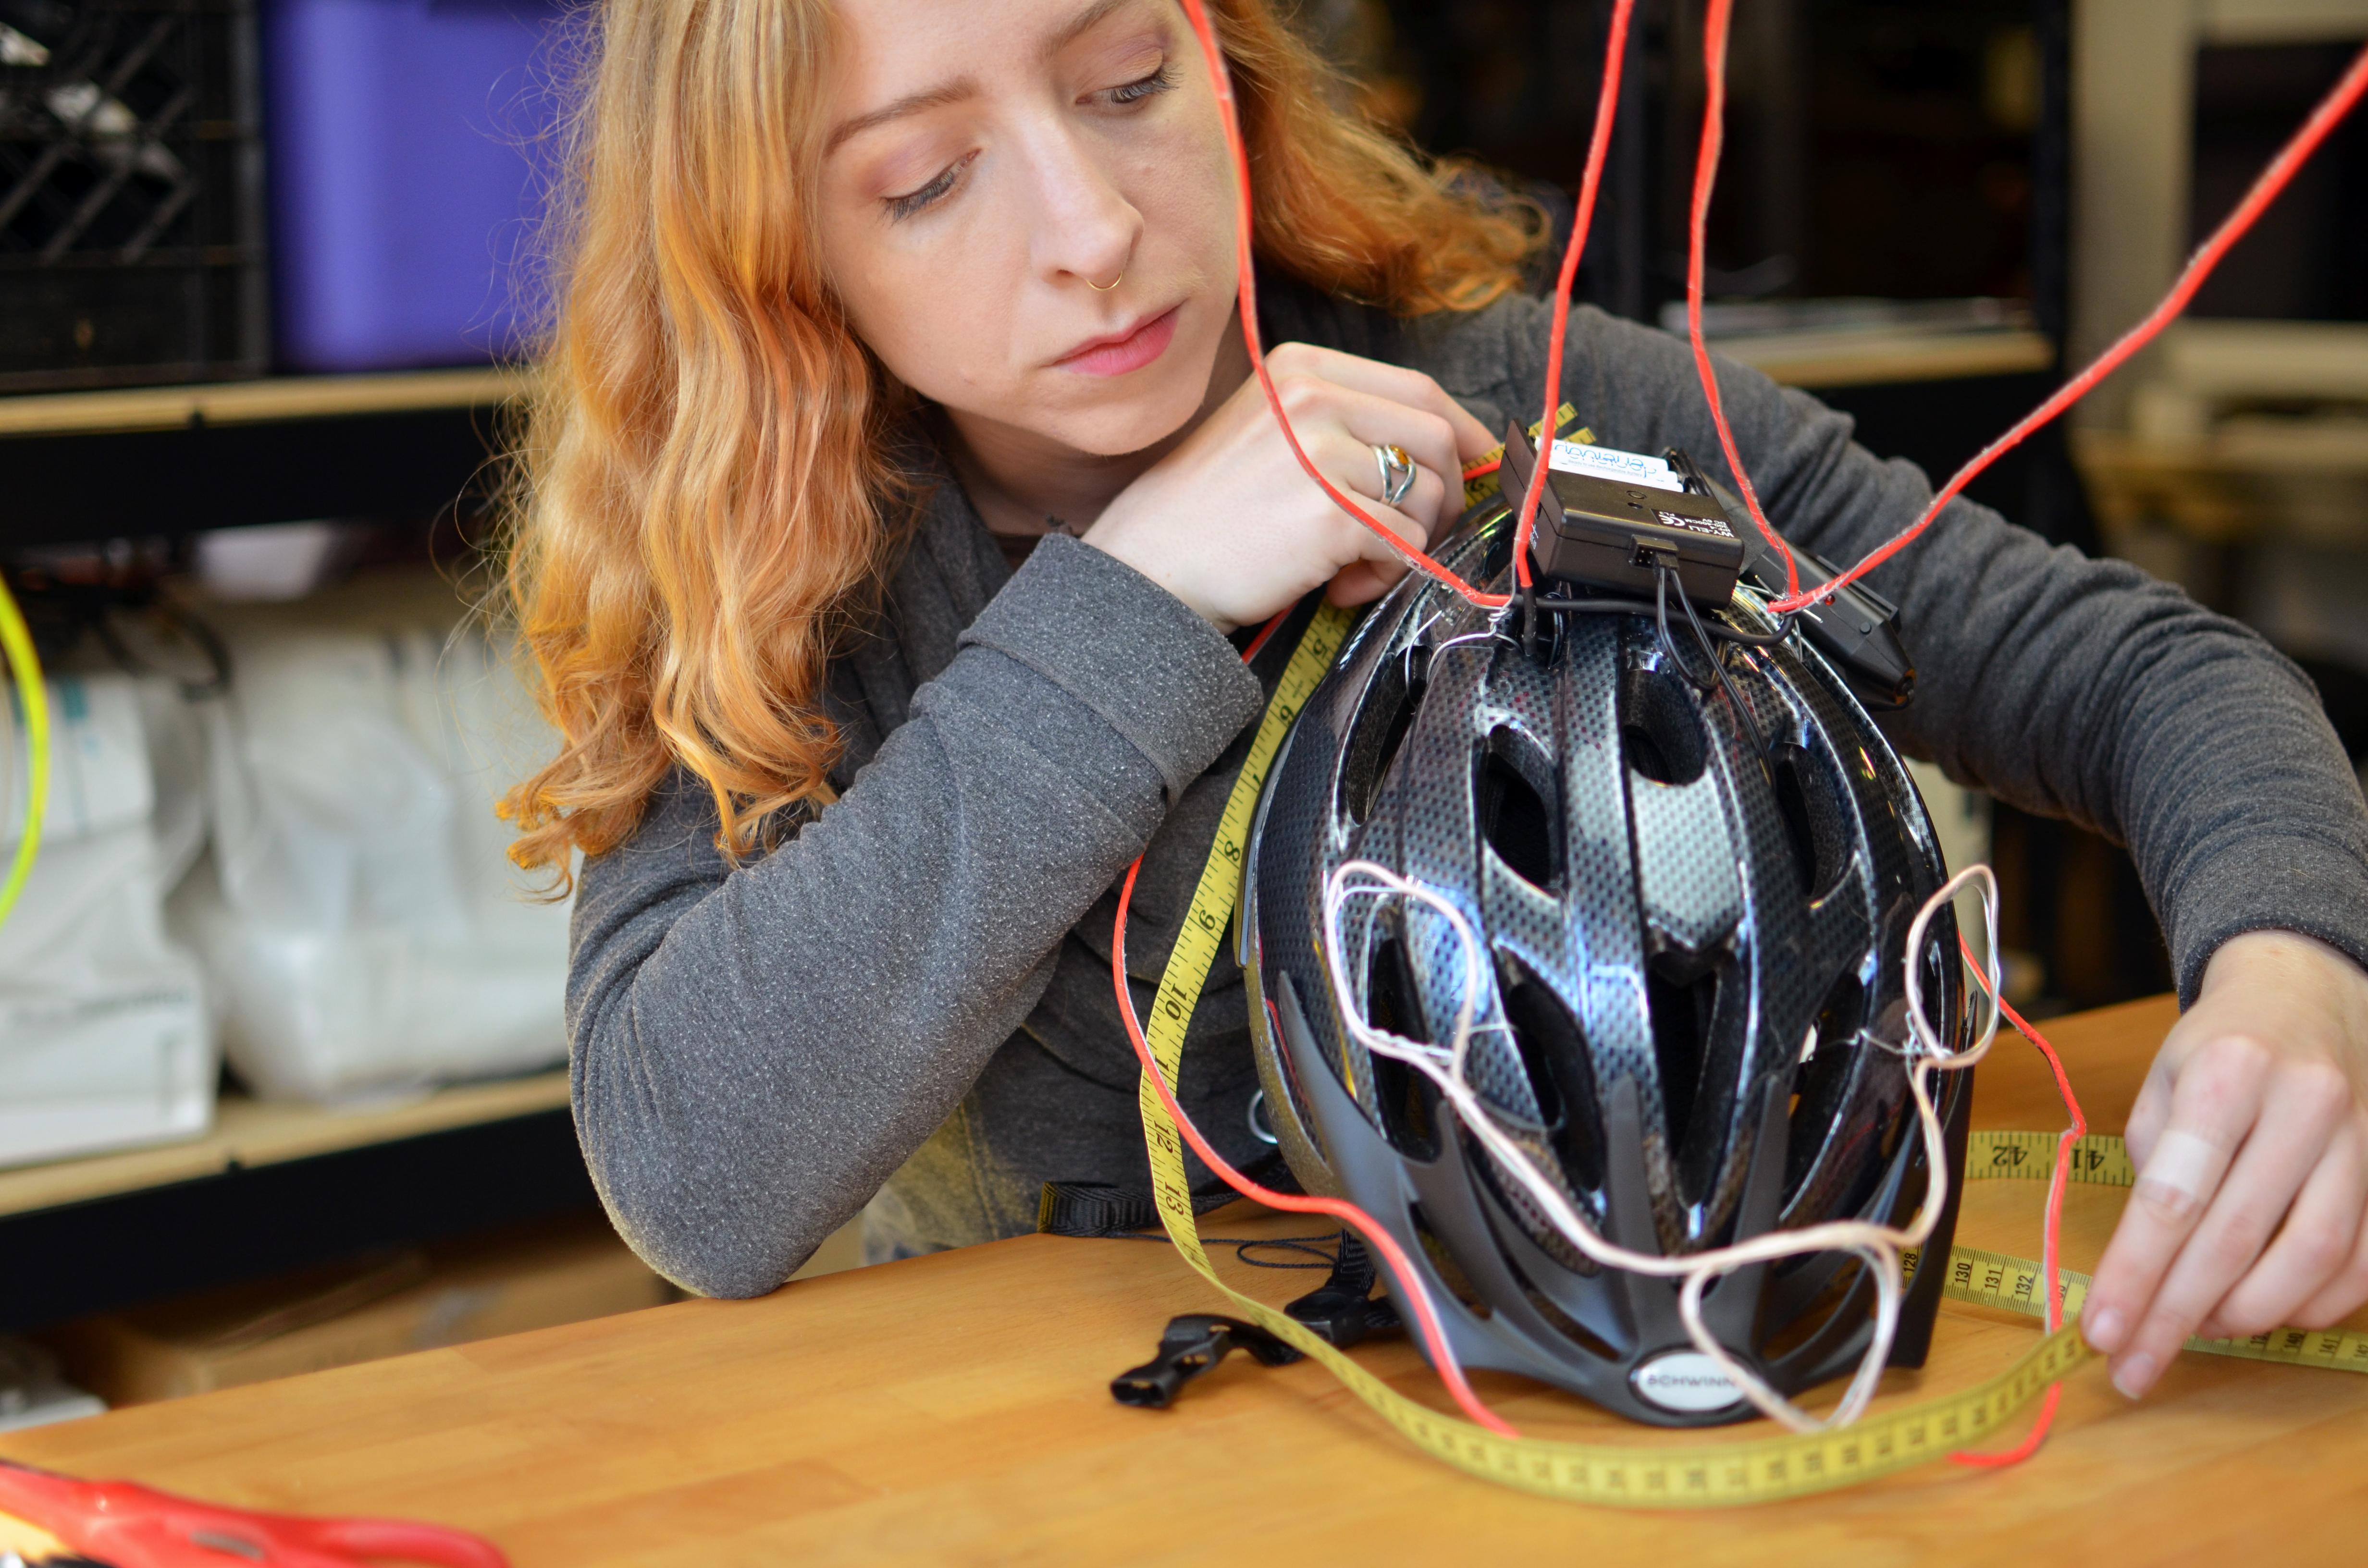 el_wire_tape_panel_el-wire-mask-adafruit-30.jpg